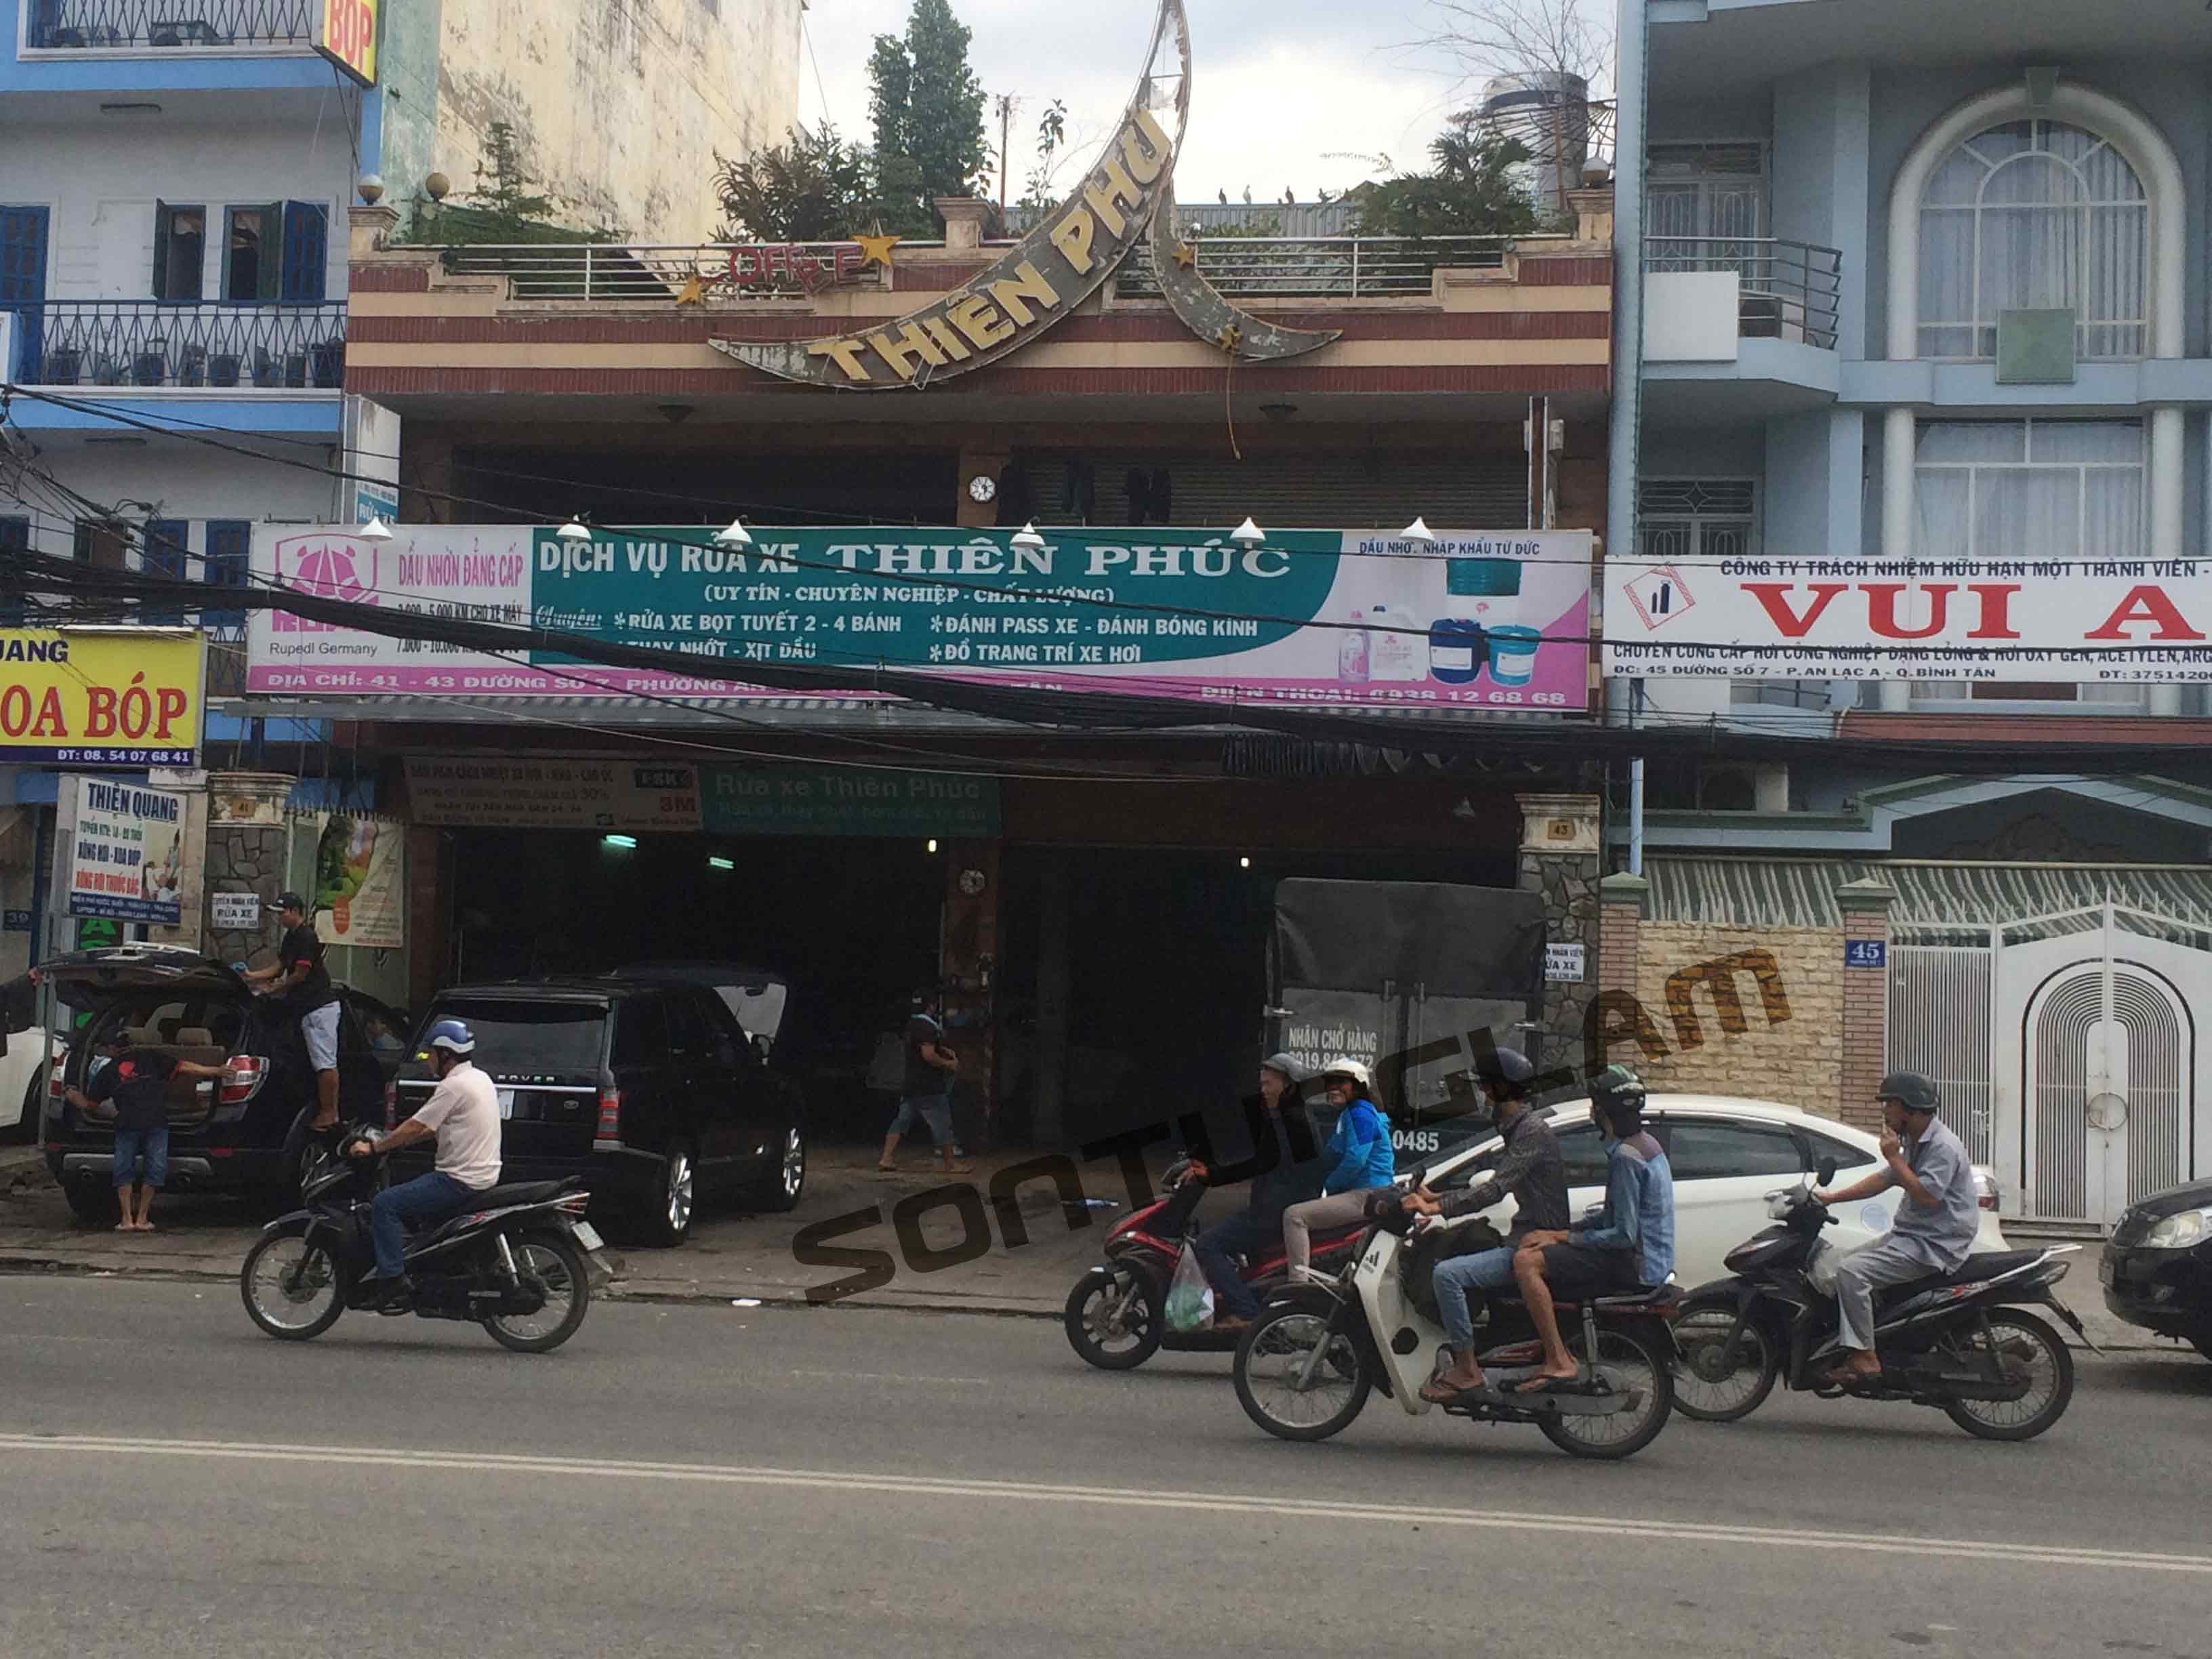 Dich-vu-rua-xe-Thien-Phuc